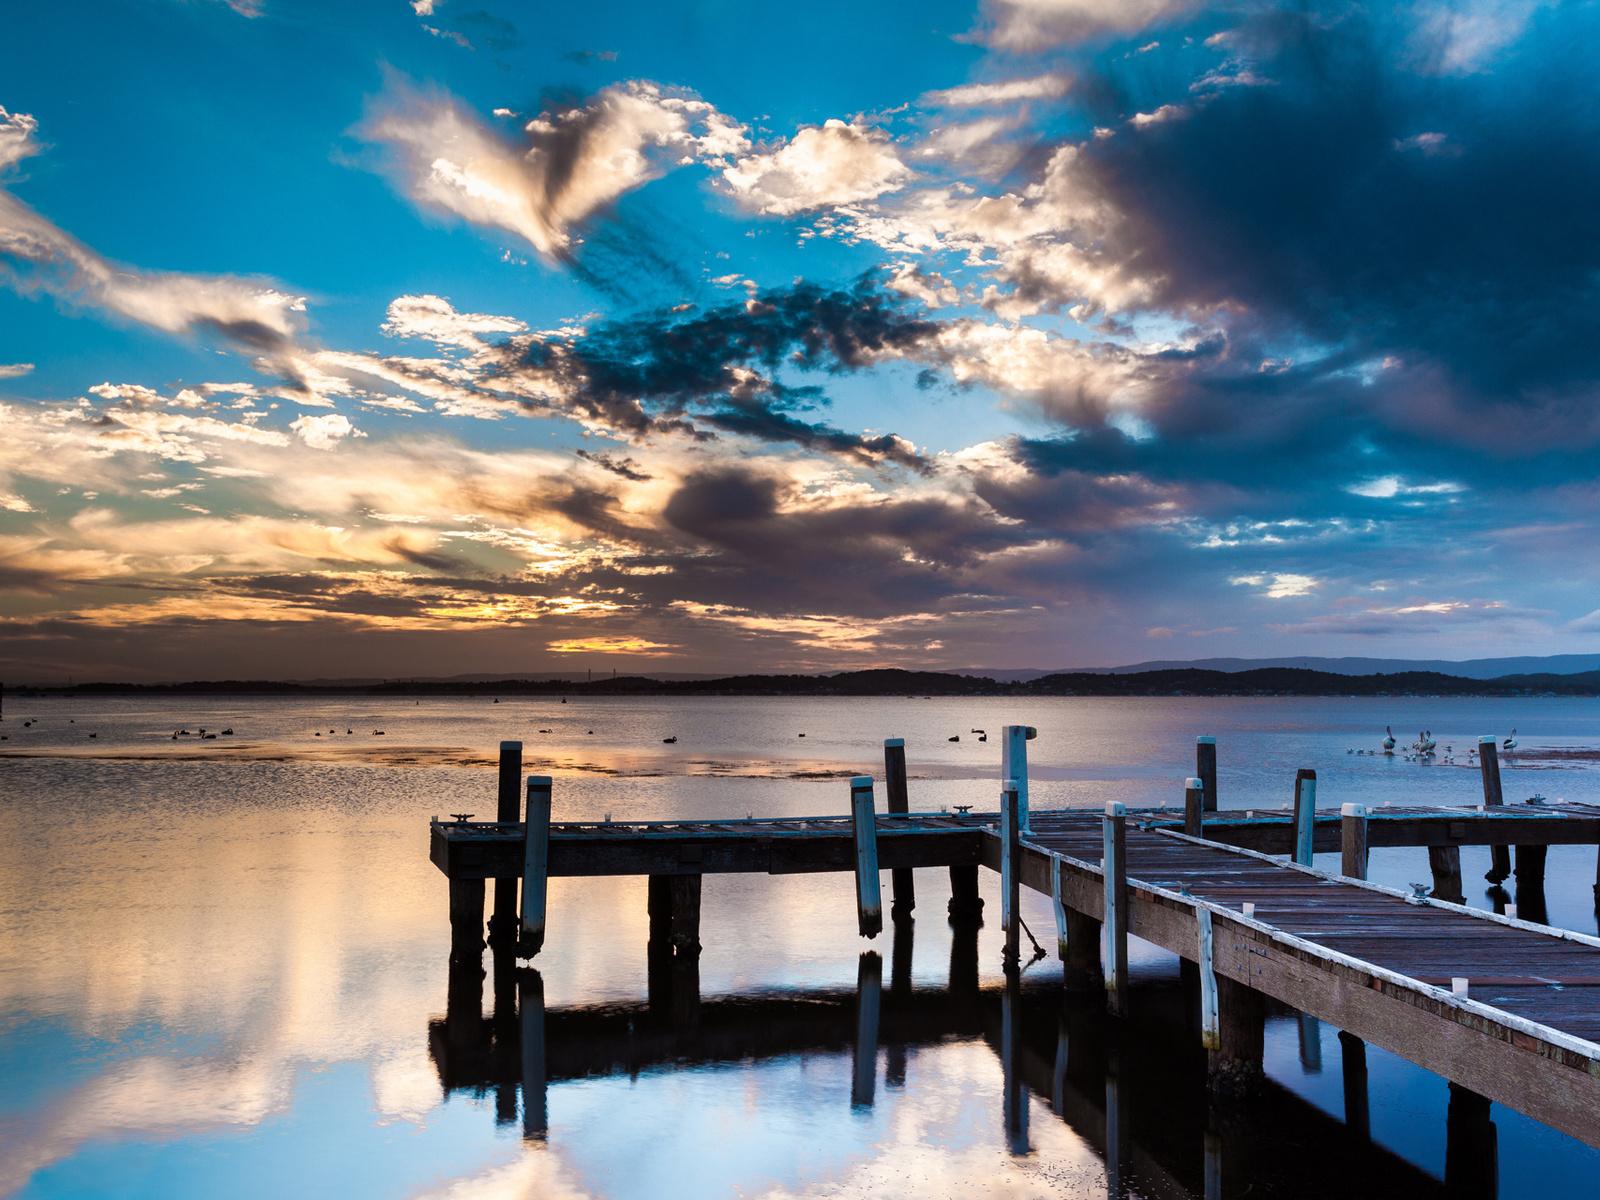 20842 скачать обои Пейзаж, Закат, Небо, Море, Облака - заставки и картинки бесплатно